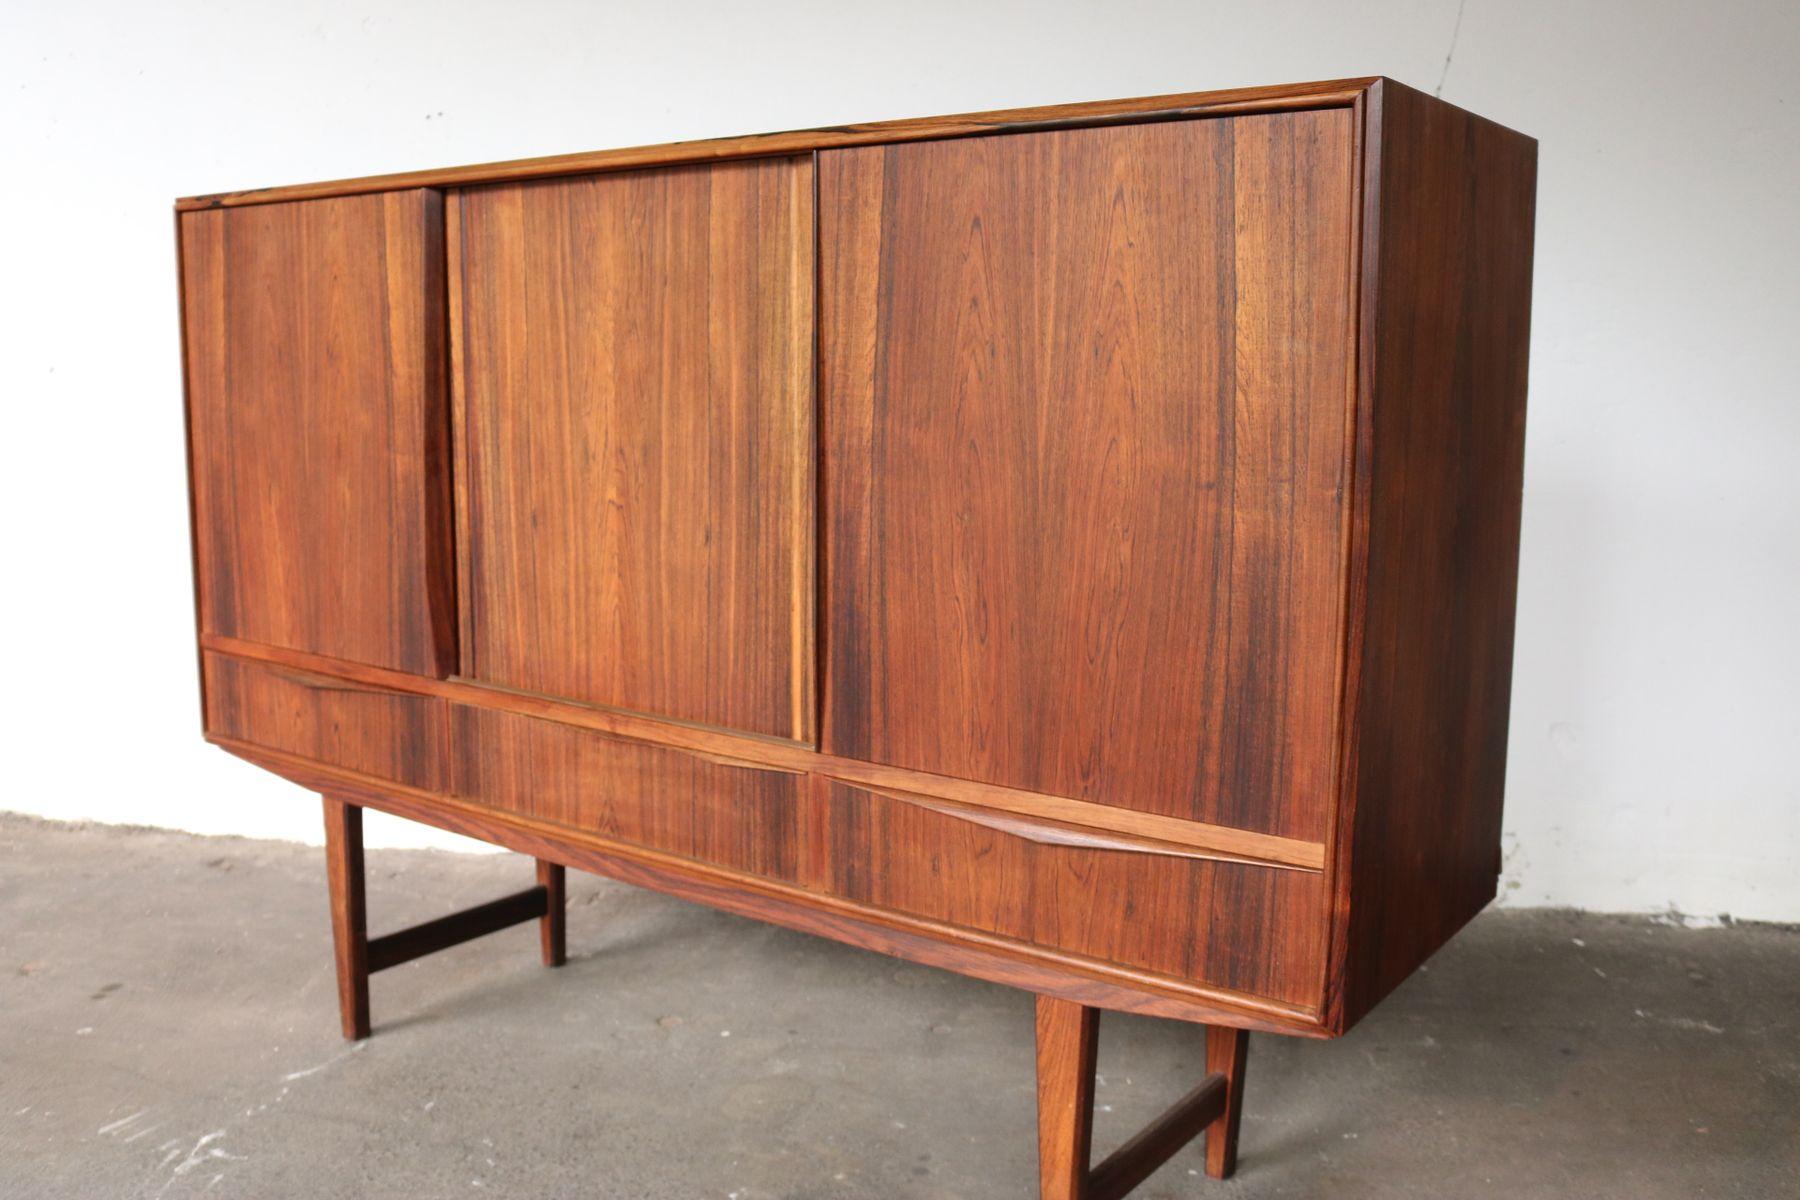 vintage palisander sideboard by e w bach 1960s for sale. Black Bedroom Furniture Sets. Home Design Ideas